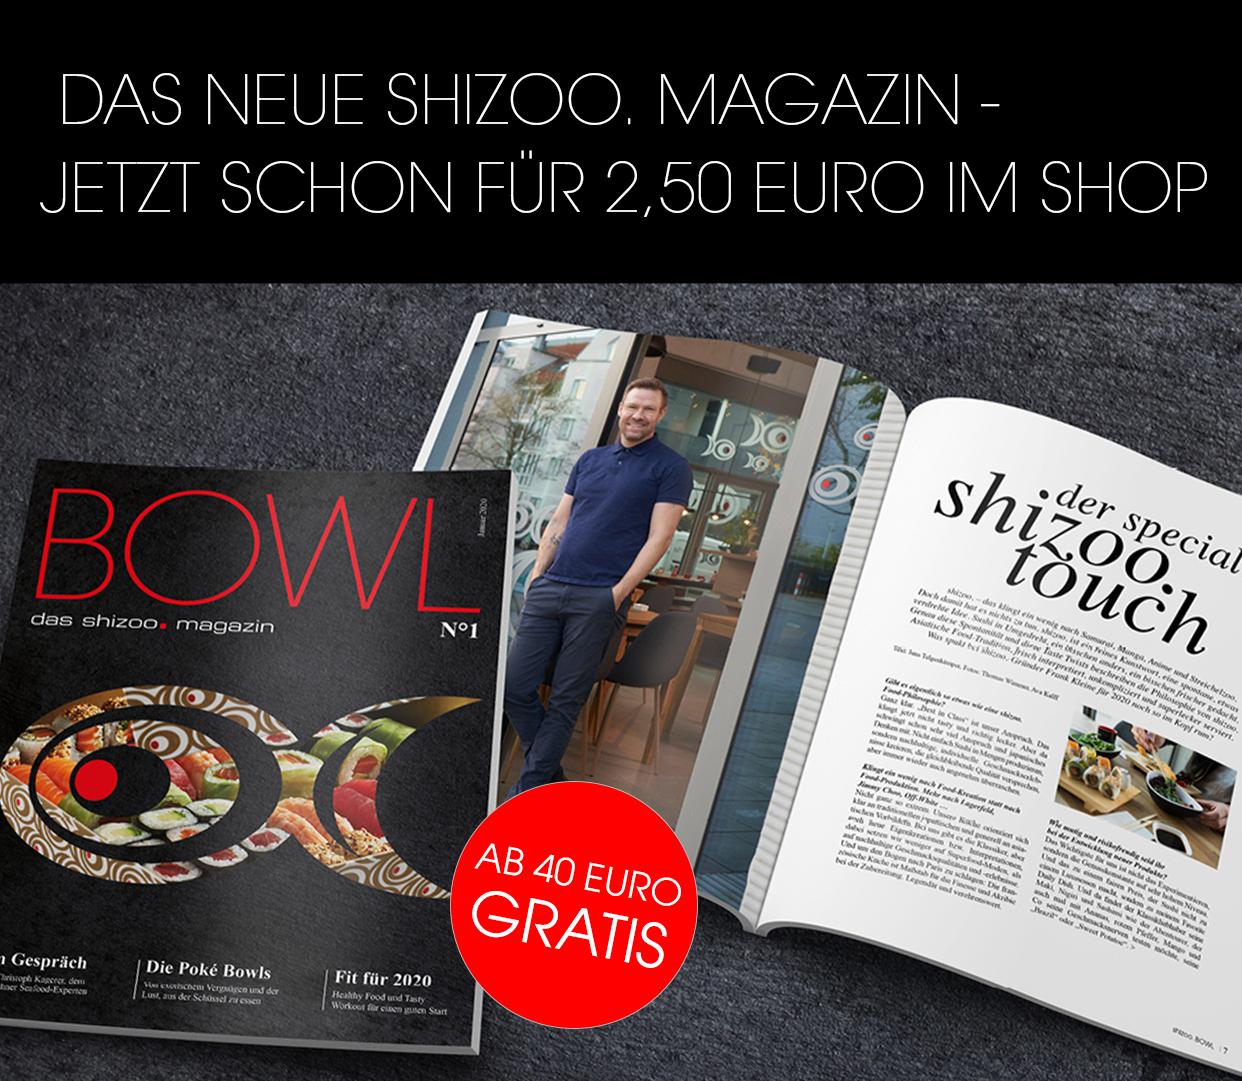 BOWL - das neue shizoo. Sushi Magazin